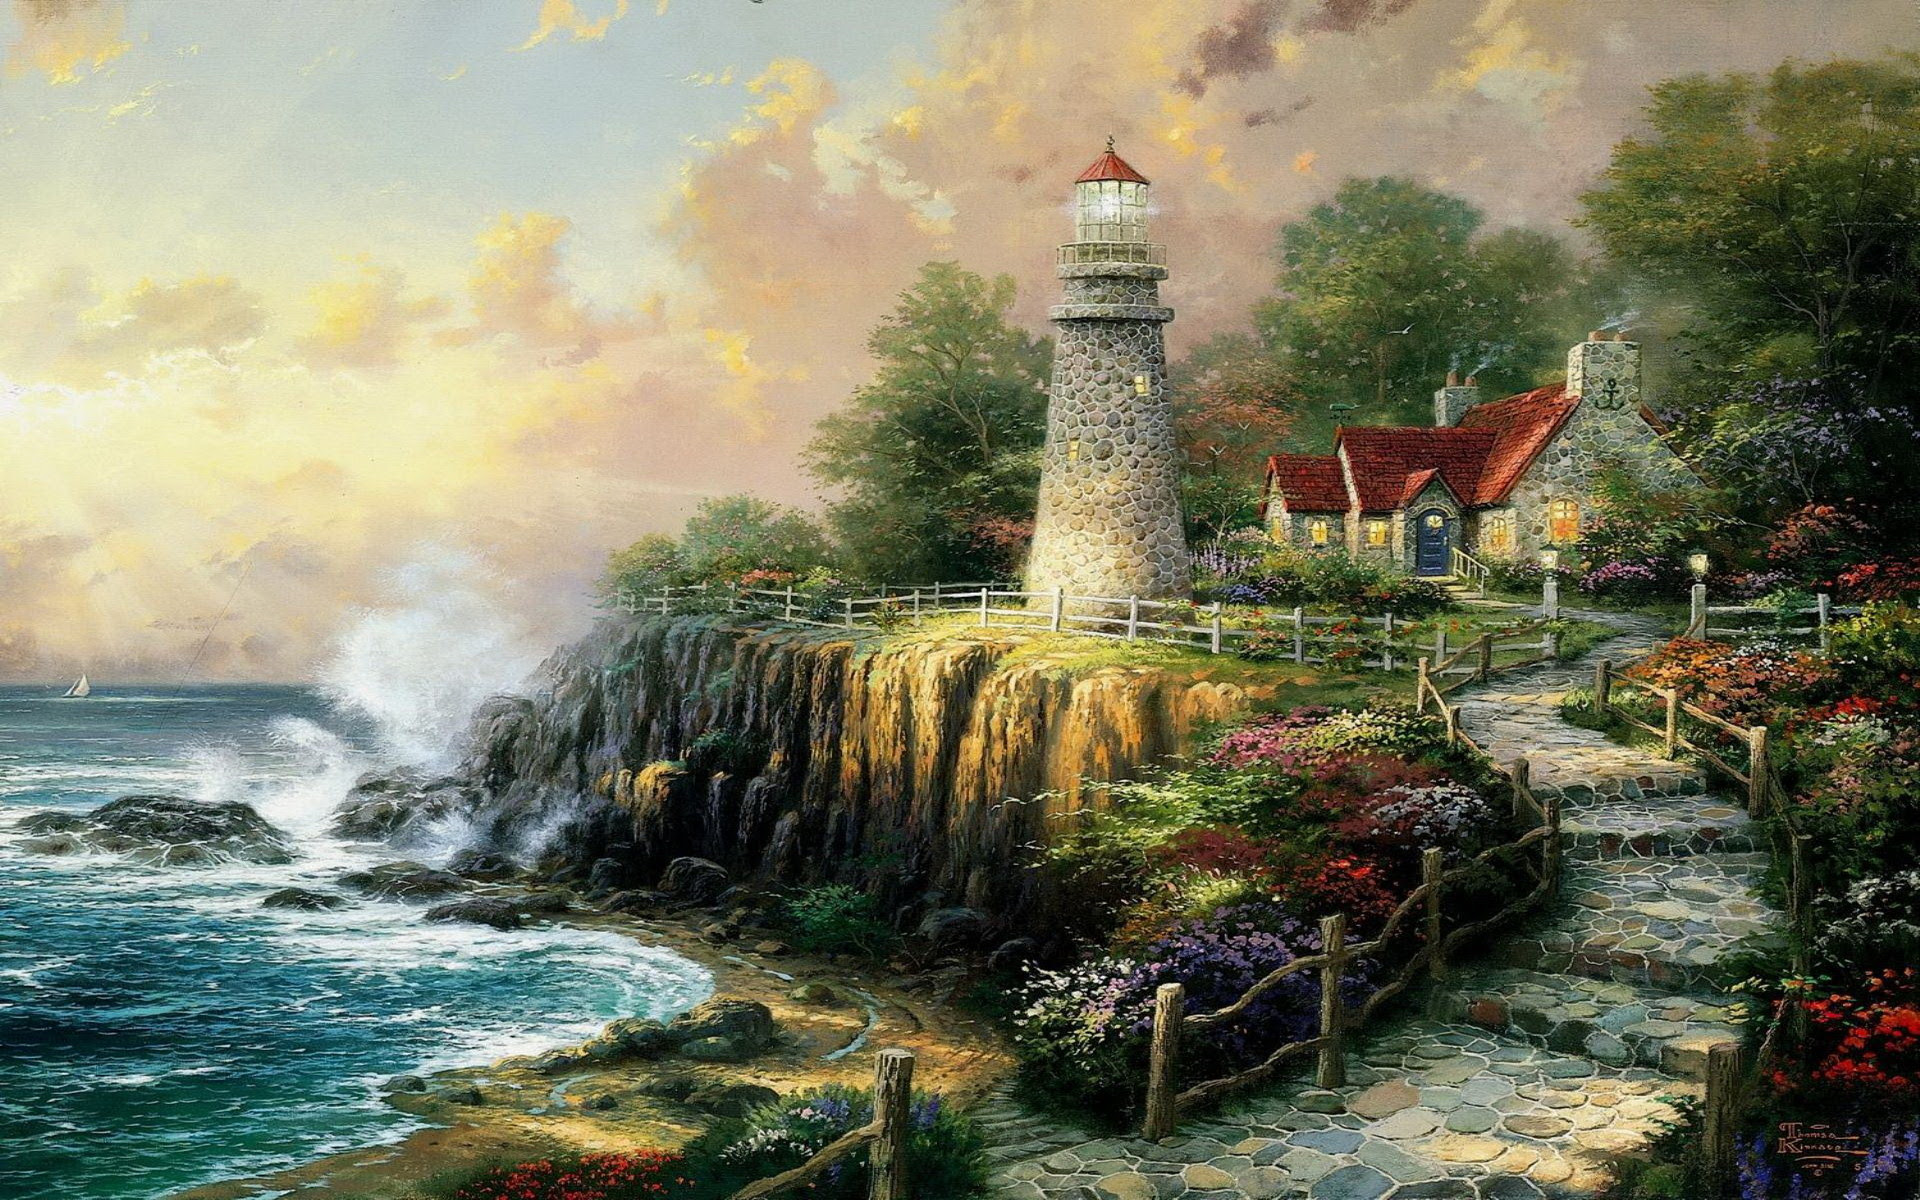 Disney Thomas Kinkade Wallpaper Hd 54 Images